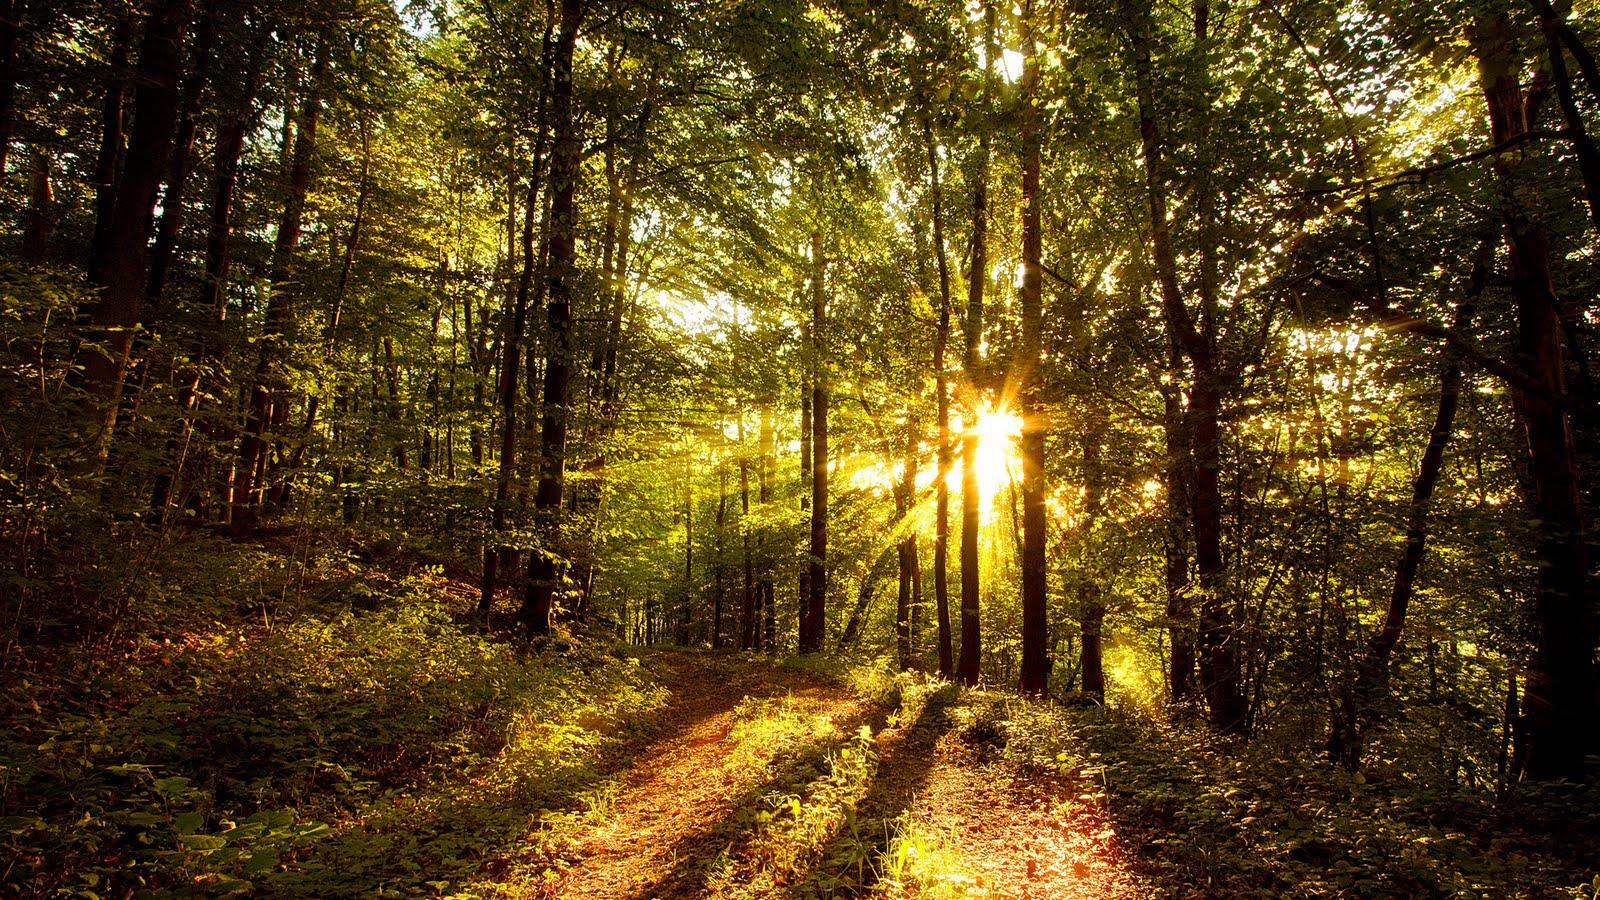 Imagem de fundo floresta com sol entre as árvores